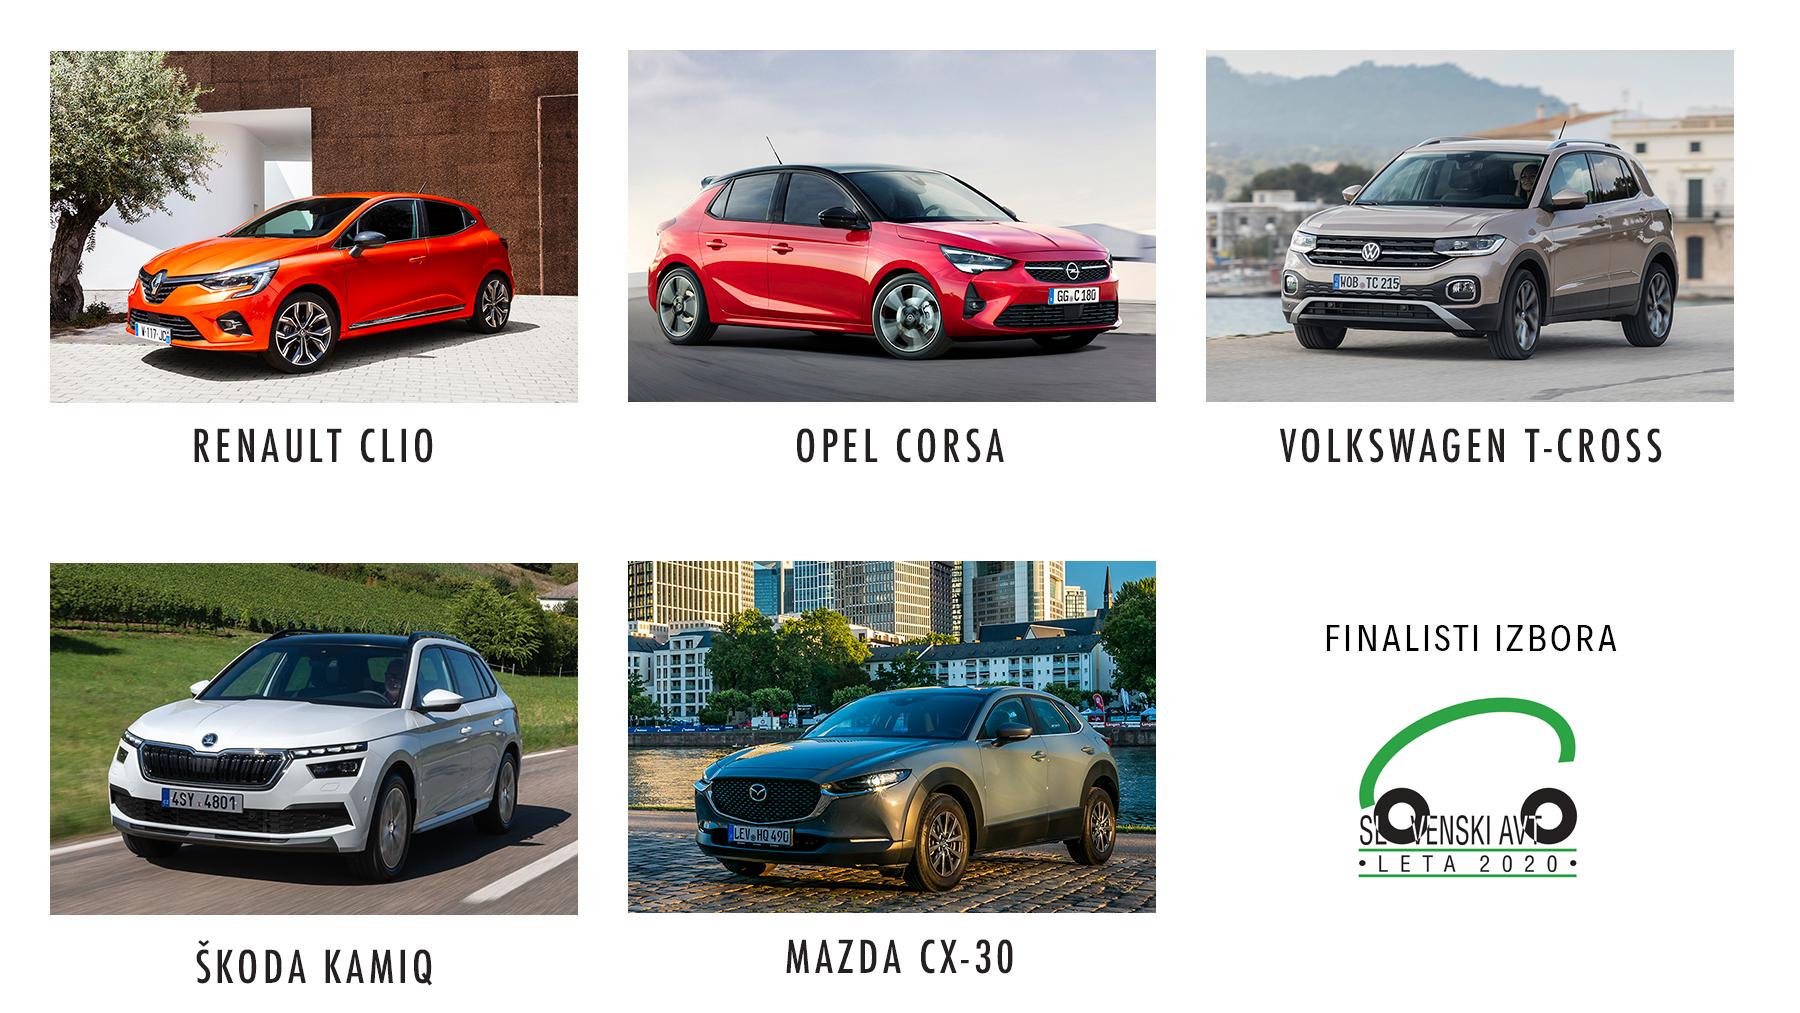 Slovenski avto leta 2020 - finalisti